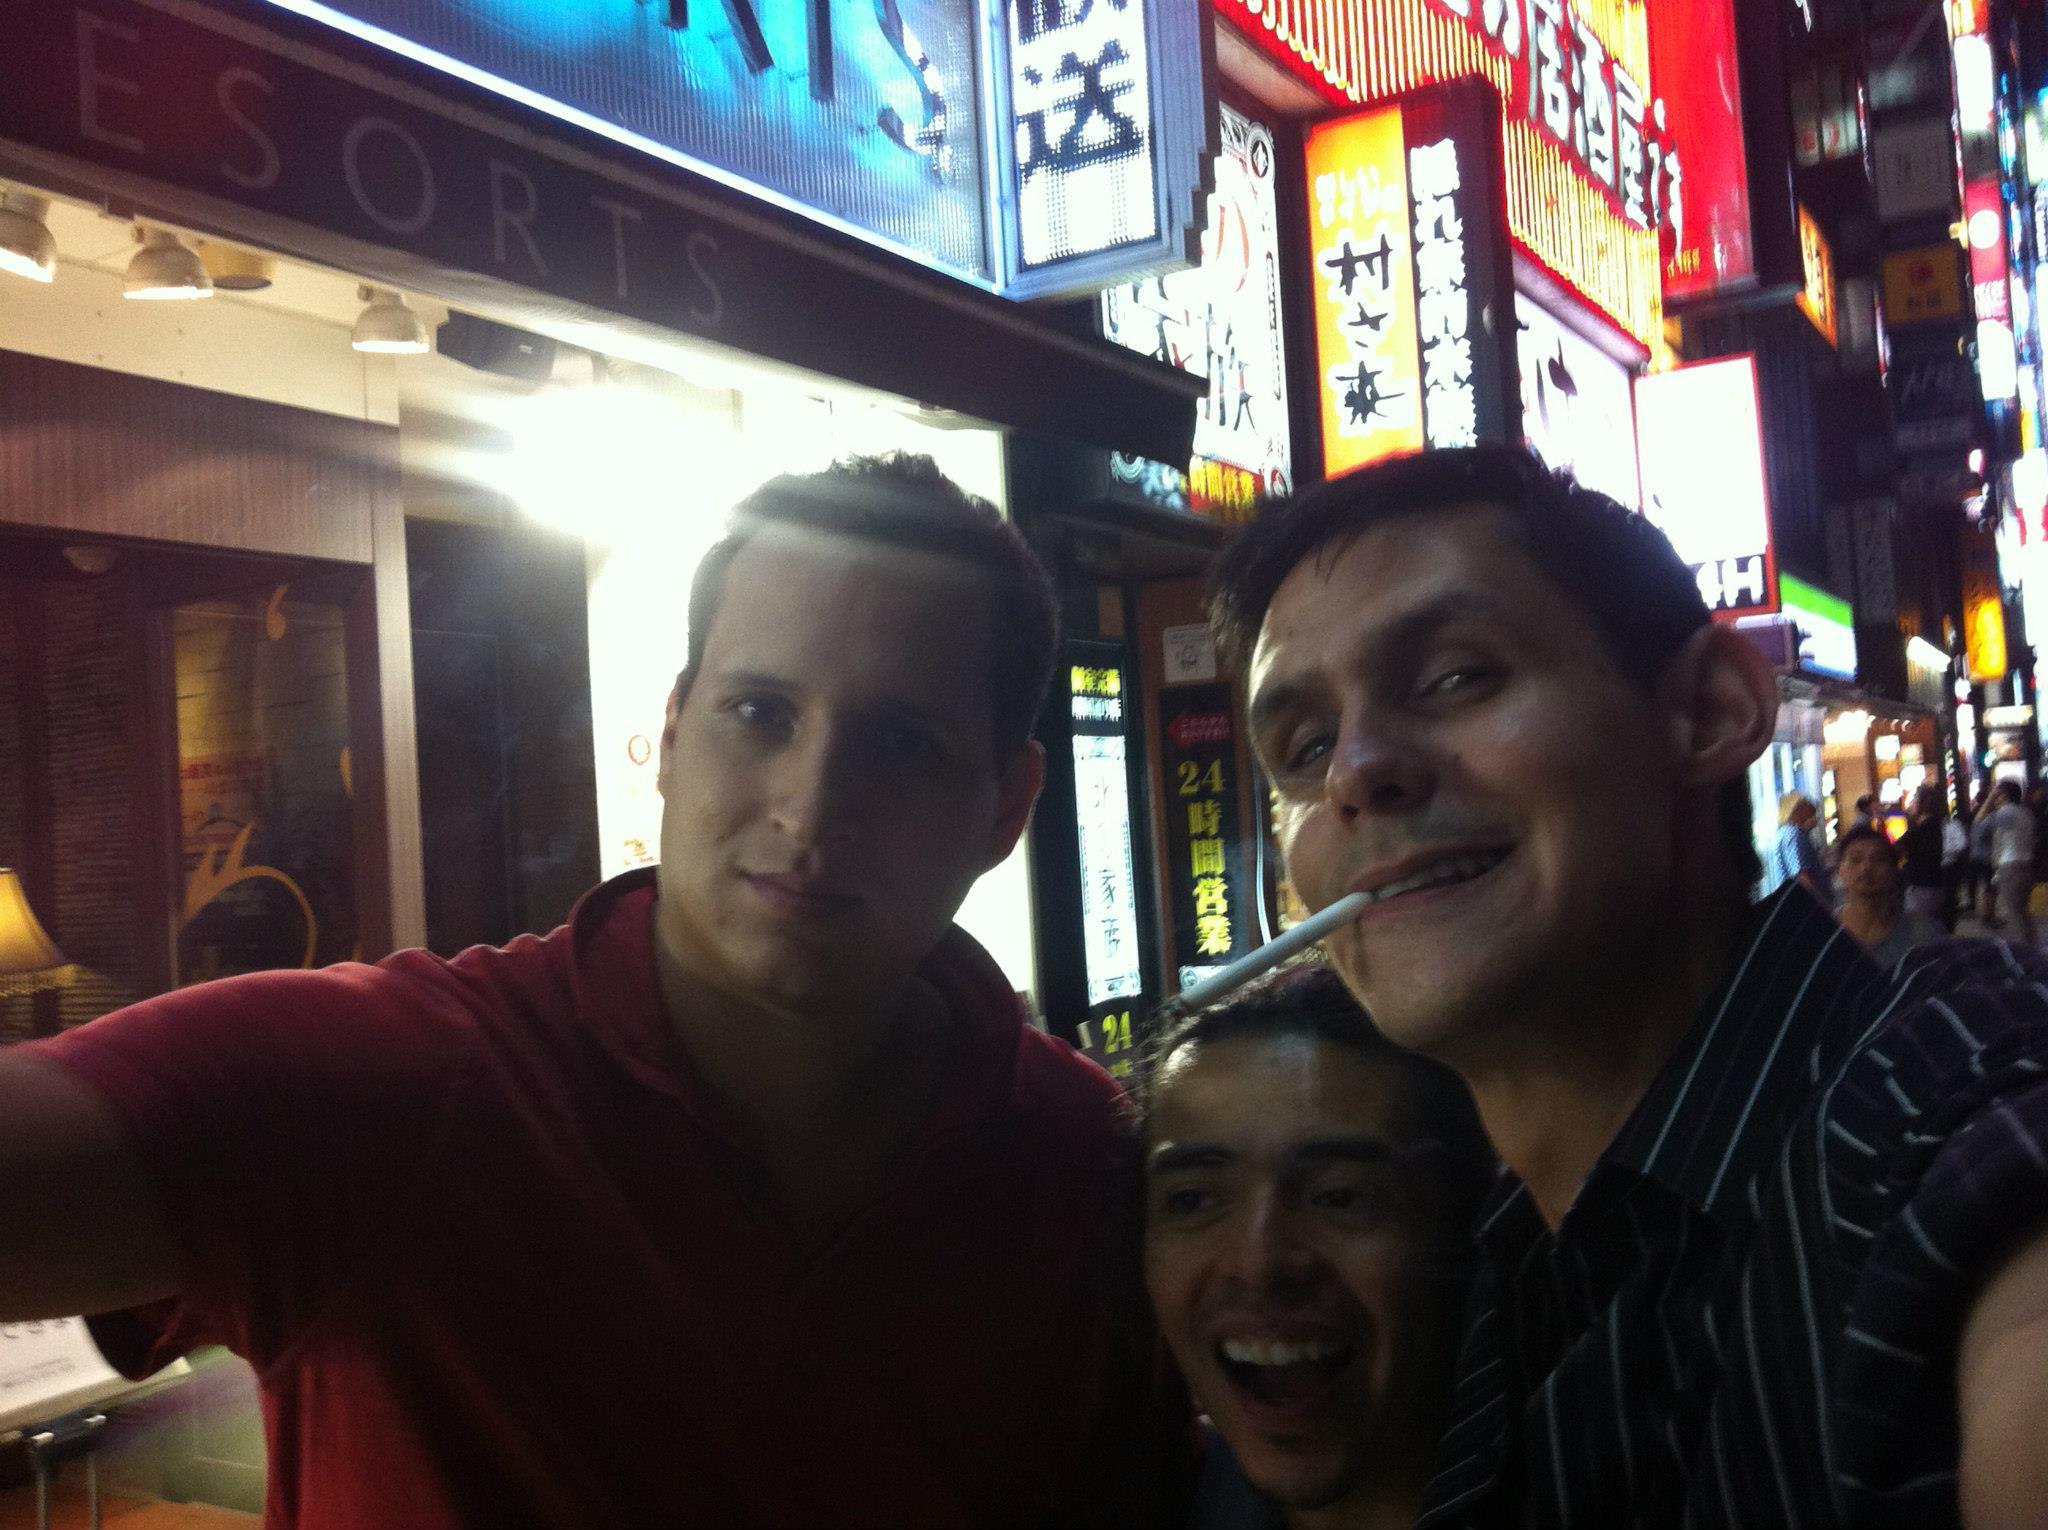 Mefisto, Densho y Gargamel en las calles de Tokio